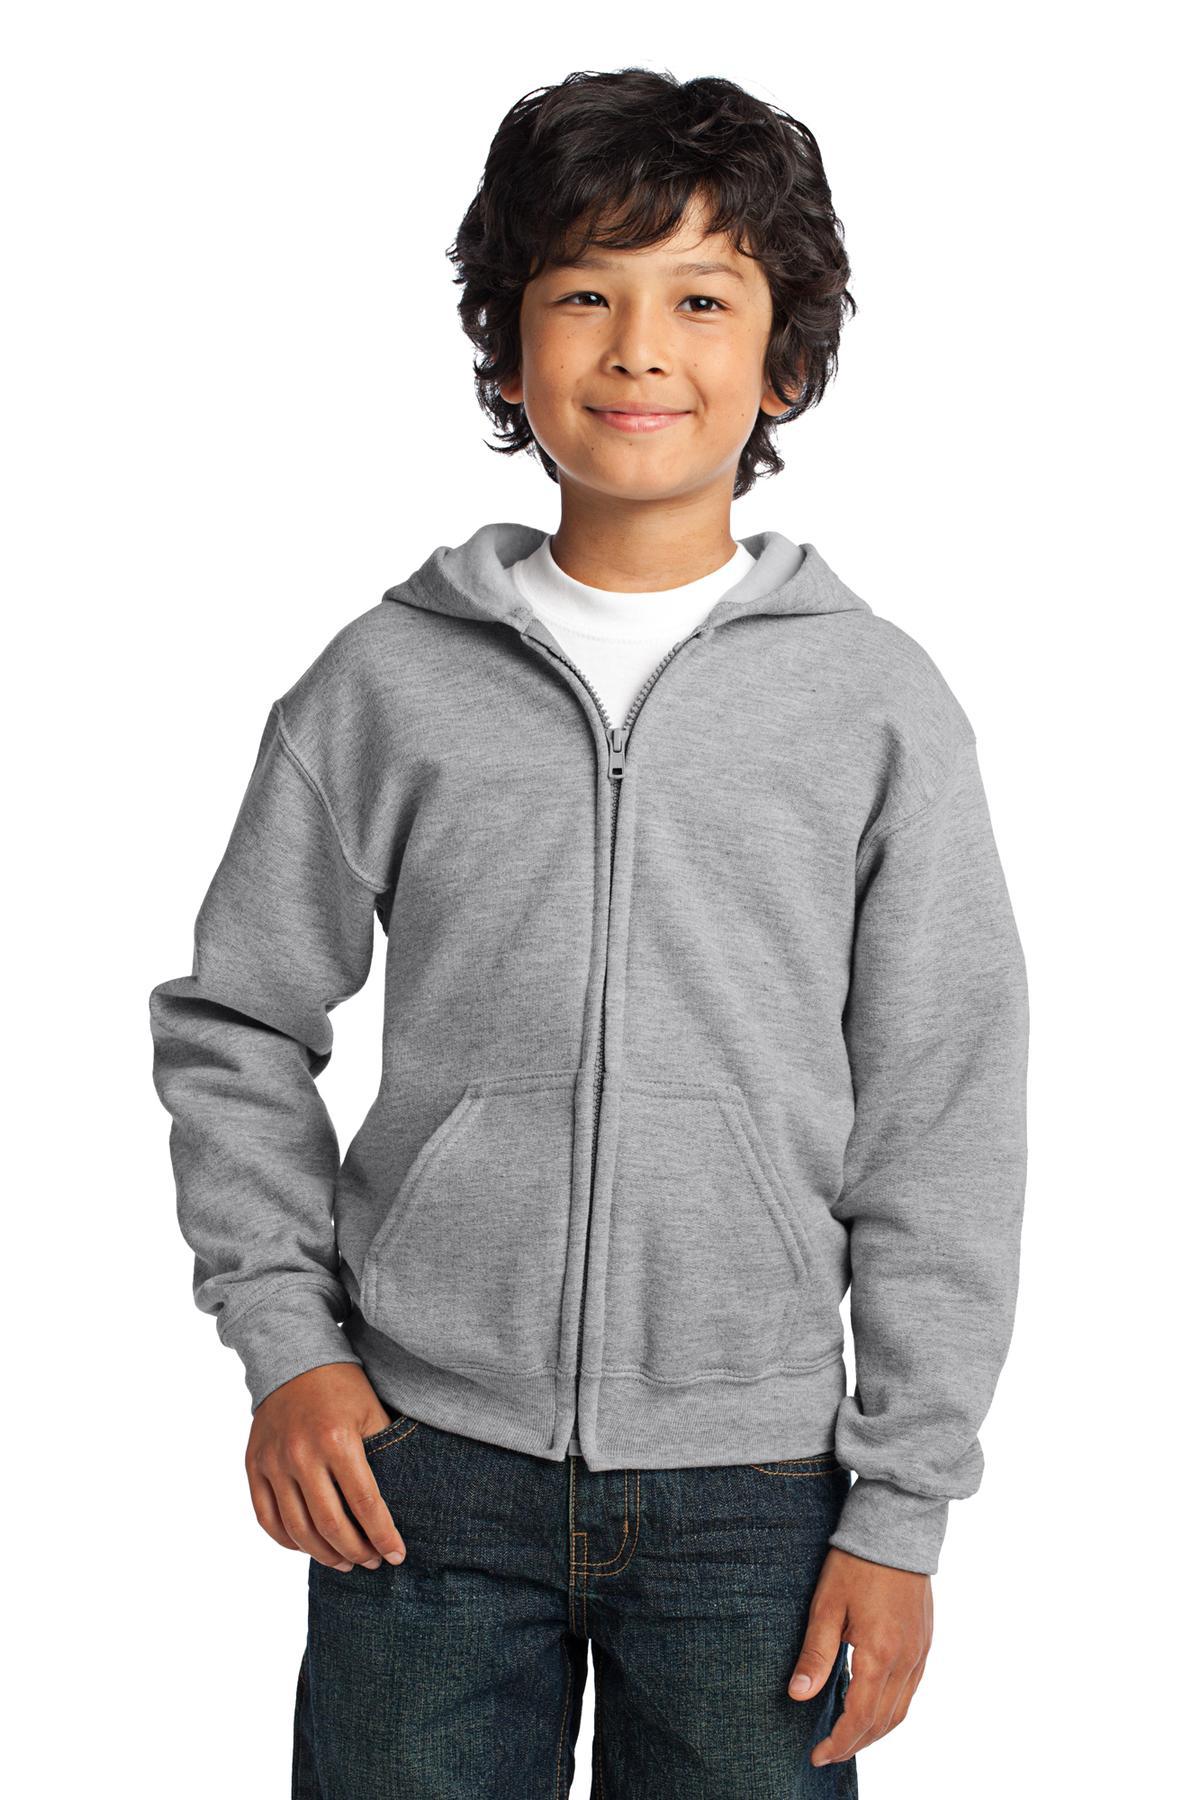 Sweatshirts-Fleece-Youth-1